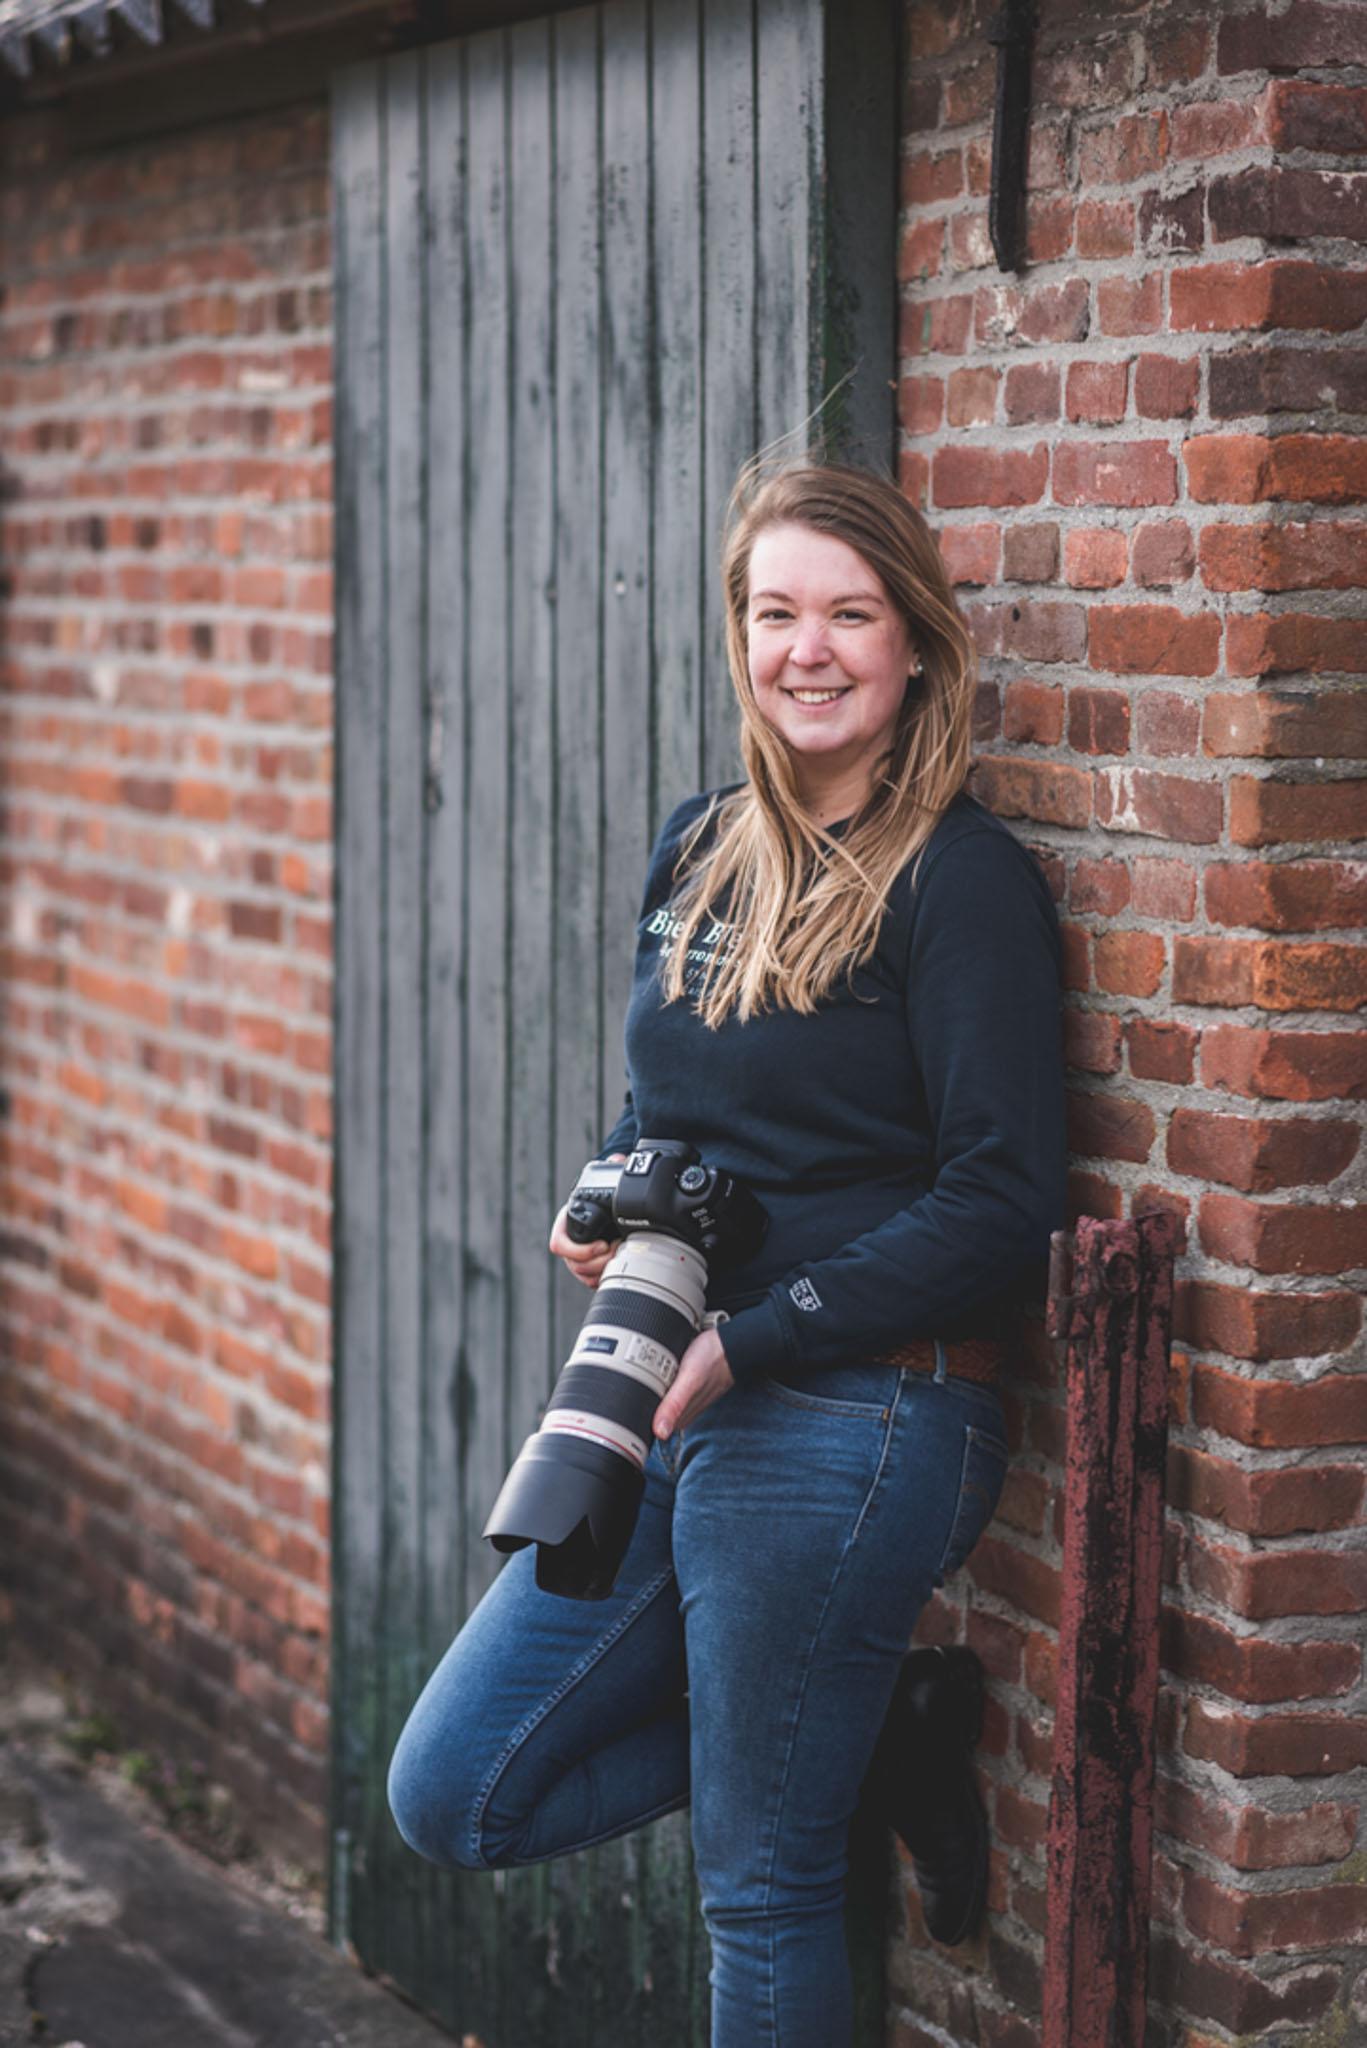 fotograaf Sorcha tijmons met camera